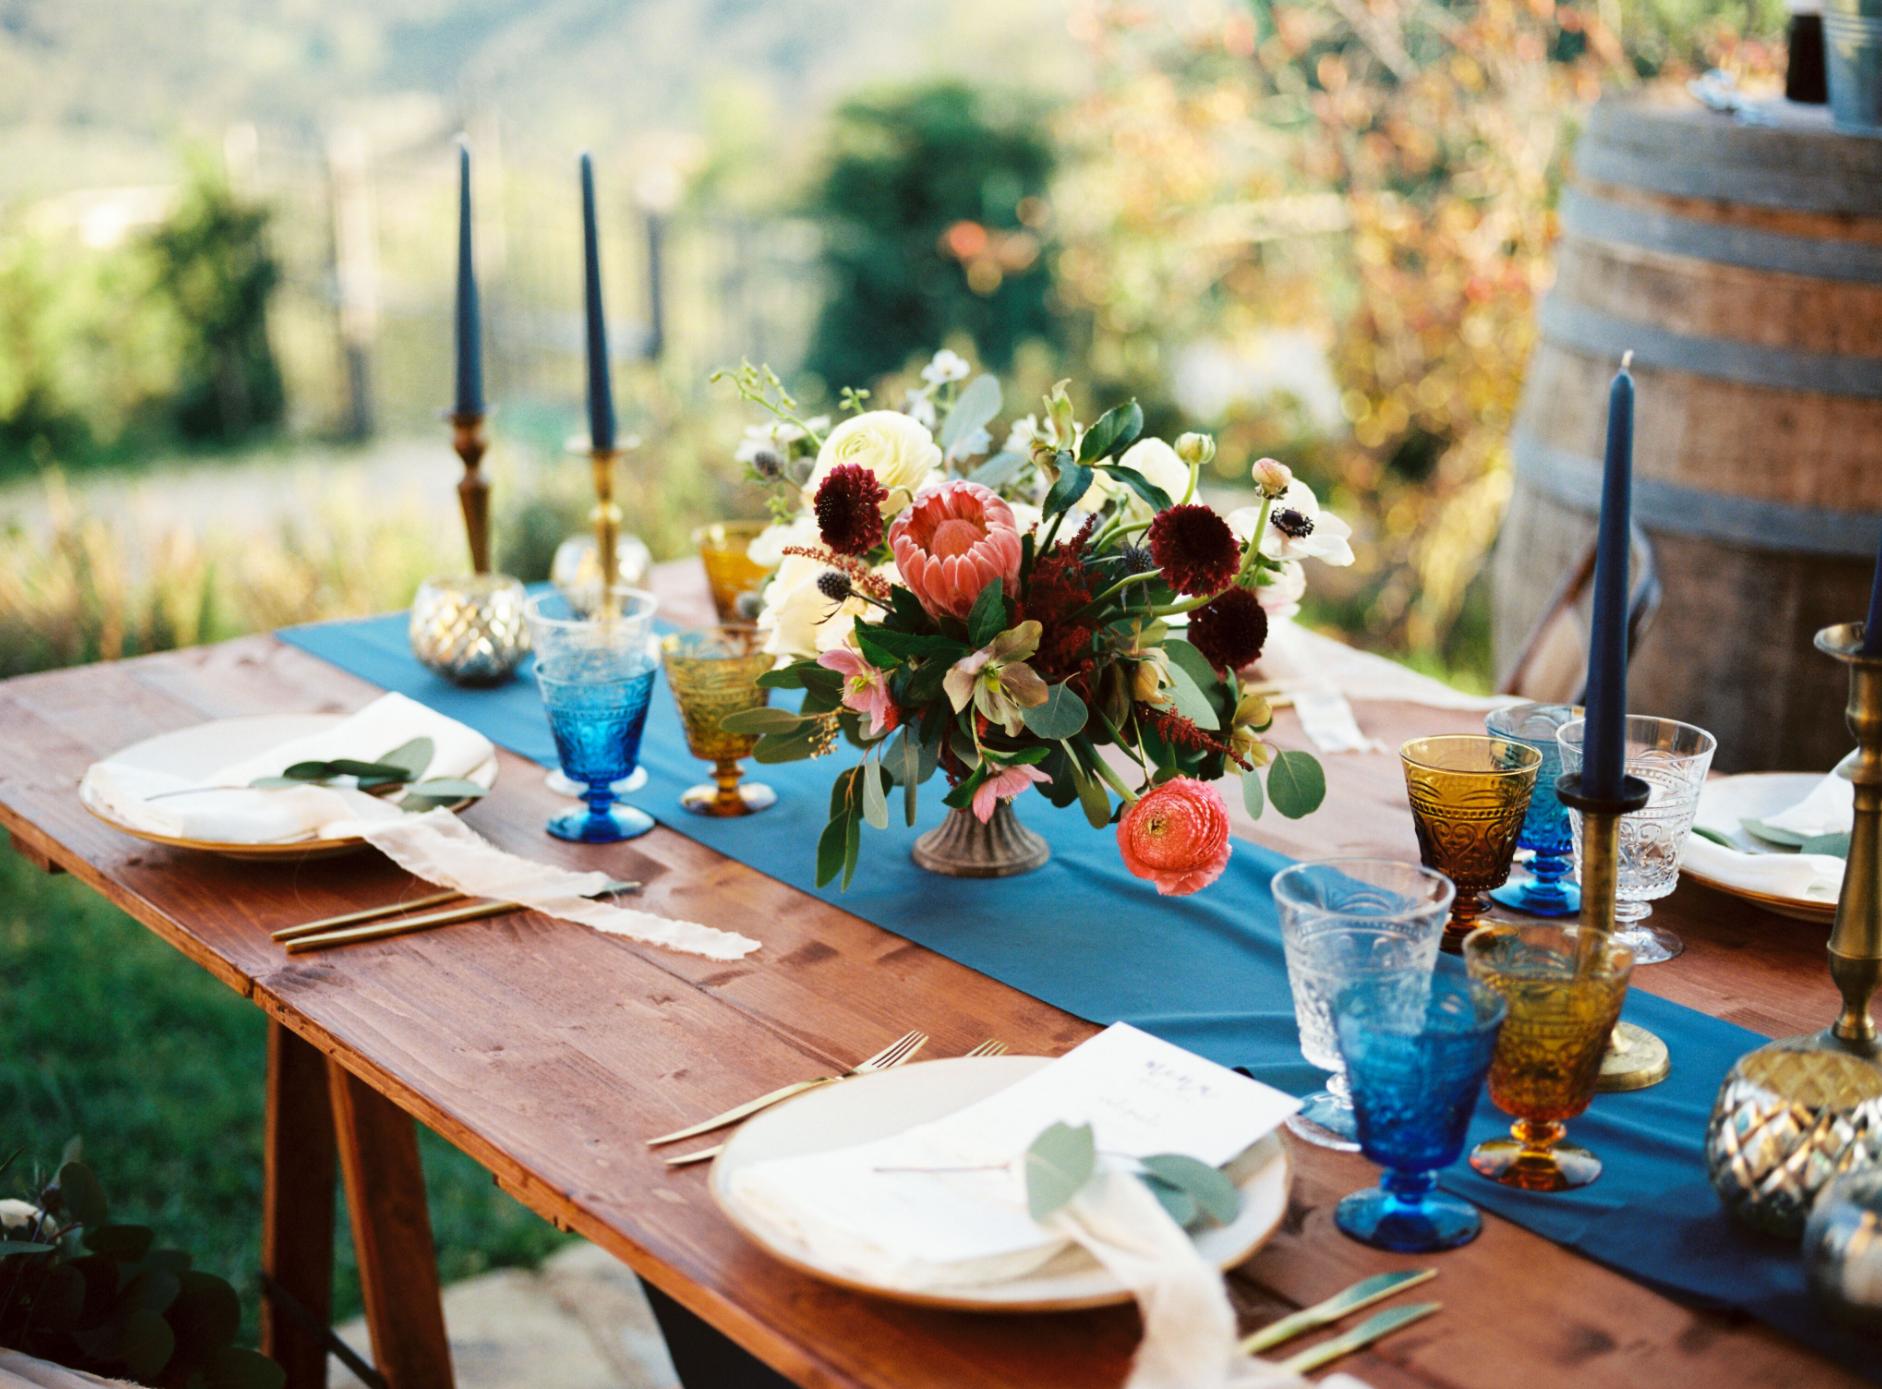 Colorful rustic tablescape